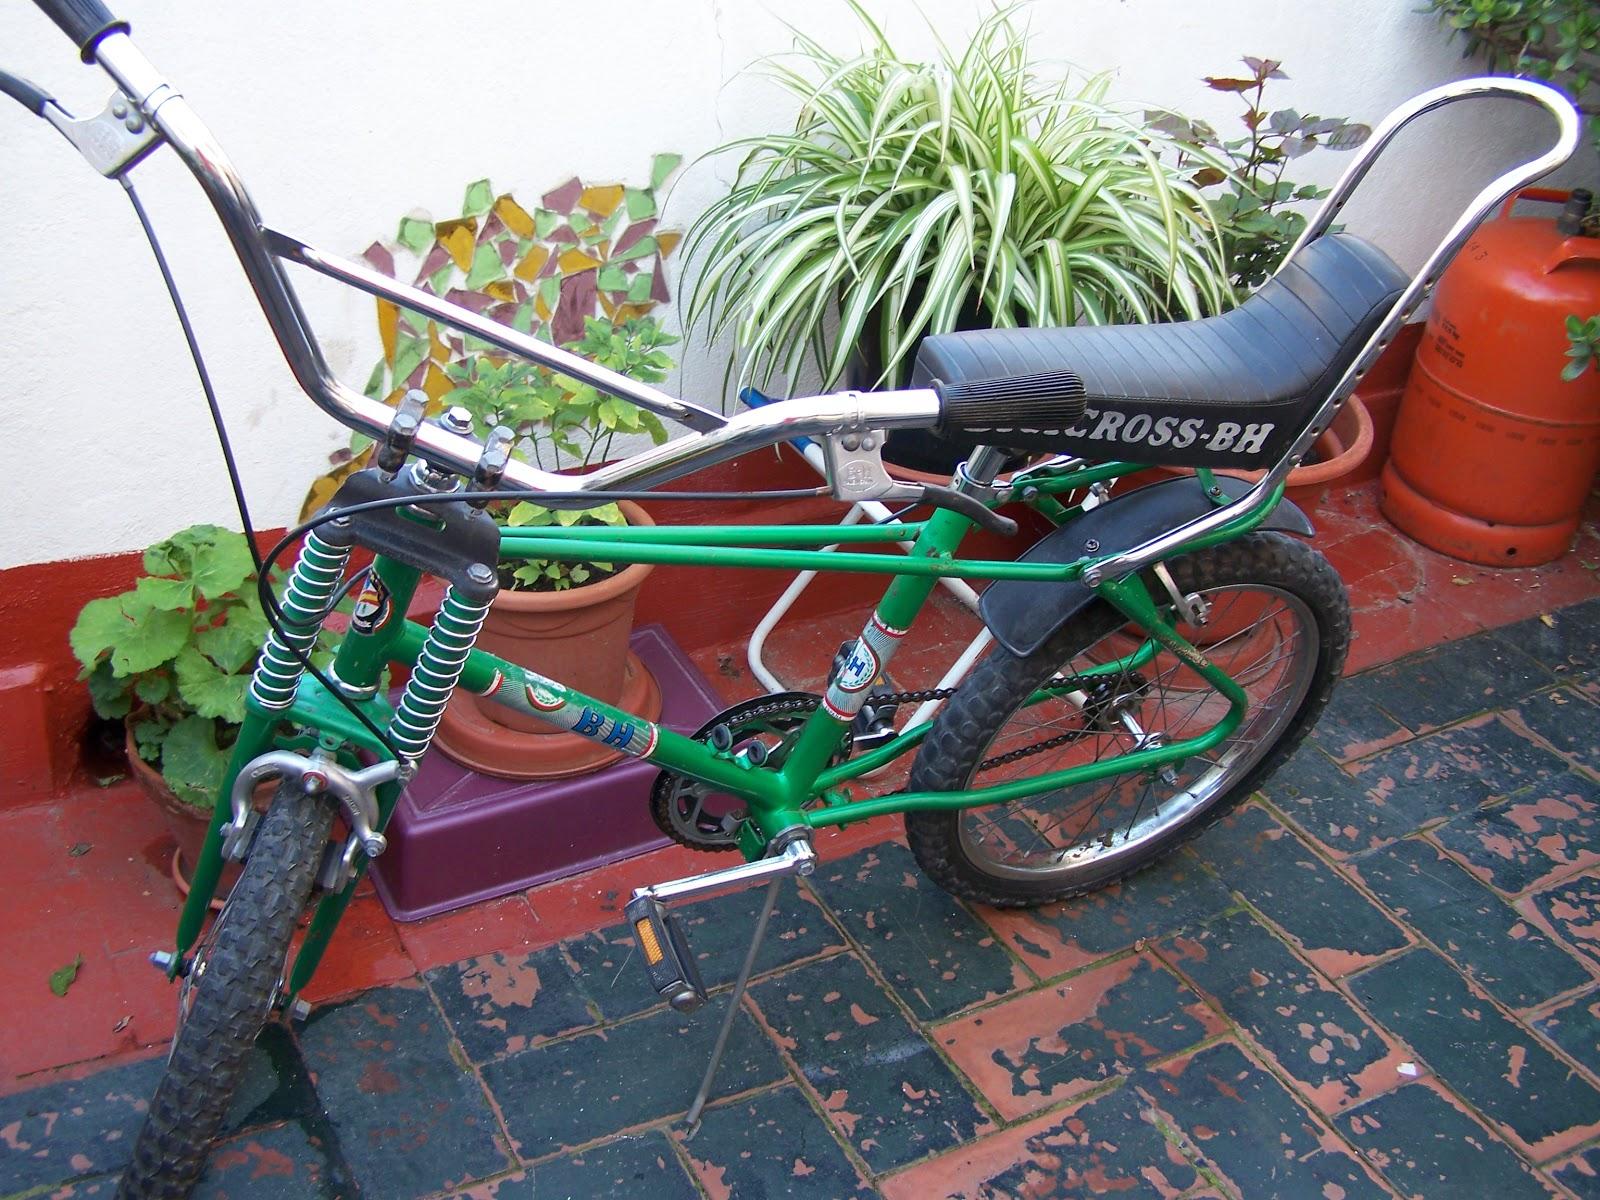 Modelos bicletas BH  (catalogo virtual) 102_7358